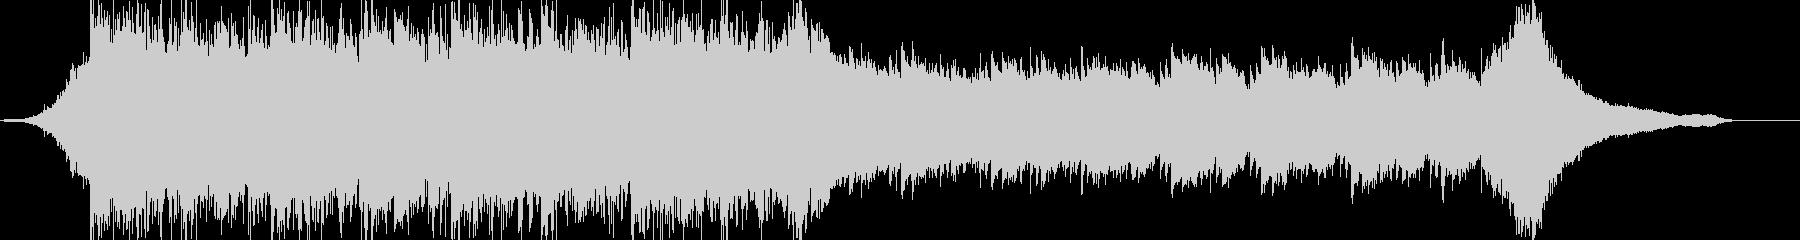 企業VPや映像59、オーケストラ、壮大cの未再生の波形